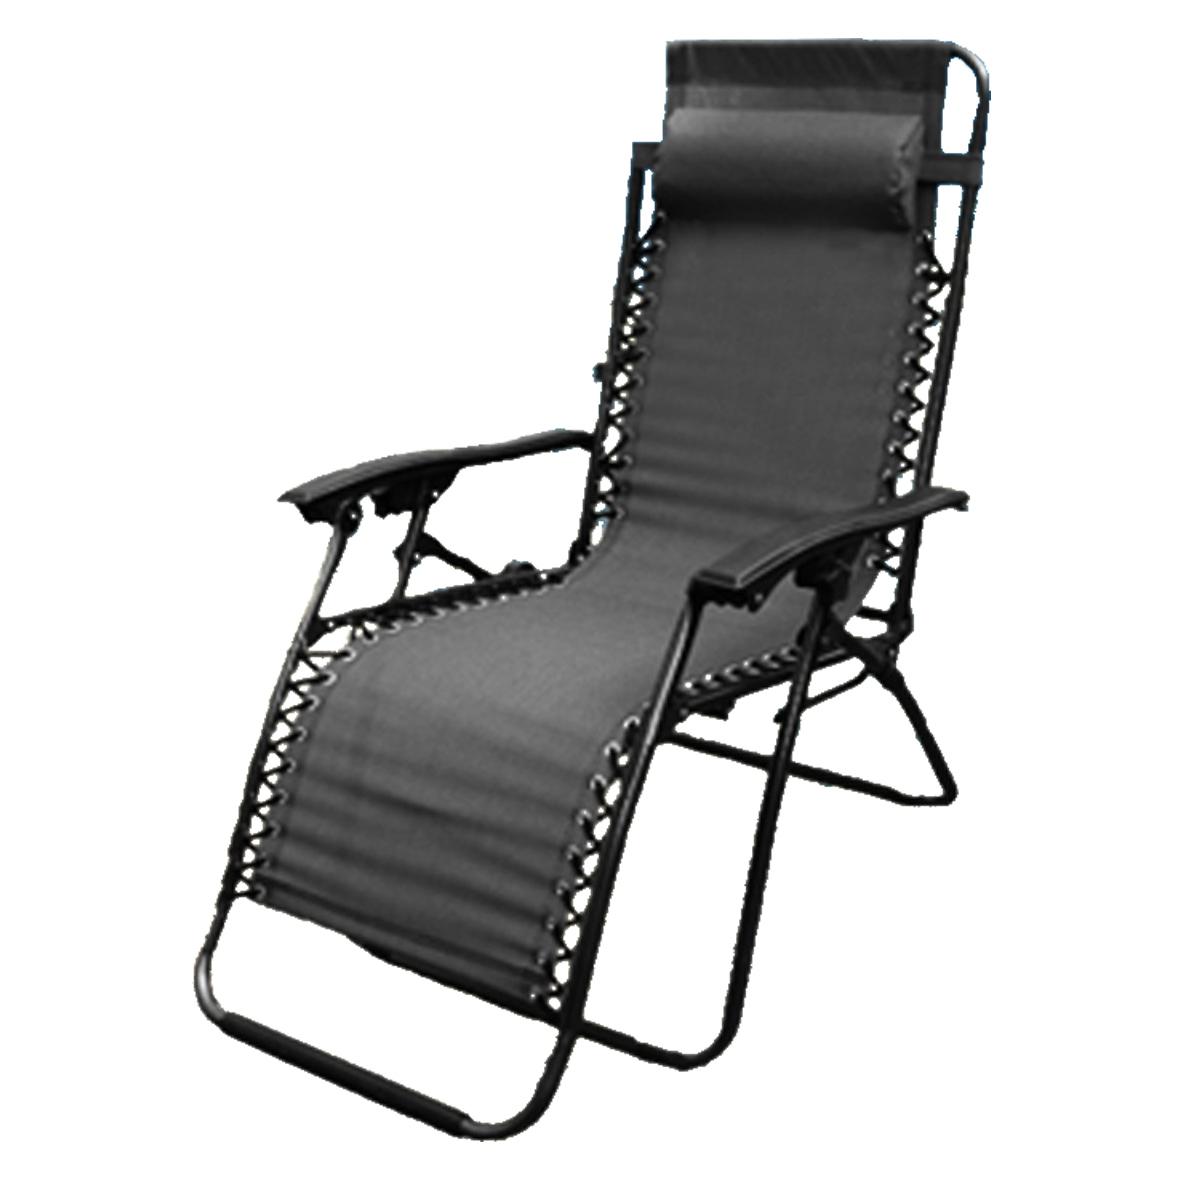 Textoline Zero Gravity Garden Reclining Recliner Relaxer Lounger Lounge Chair